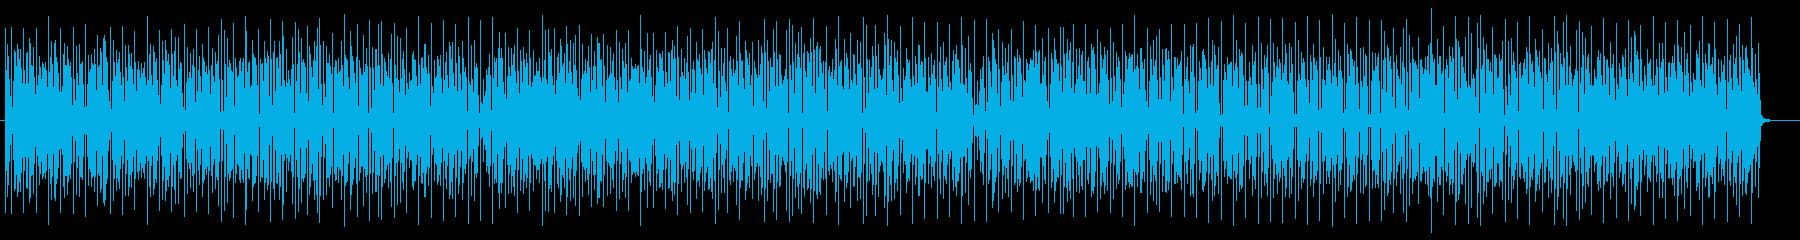 コミカルかわいいシンセサイザーサウンドの再生済みの波形